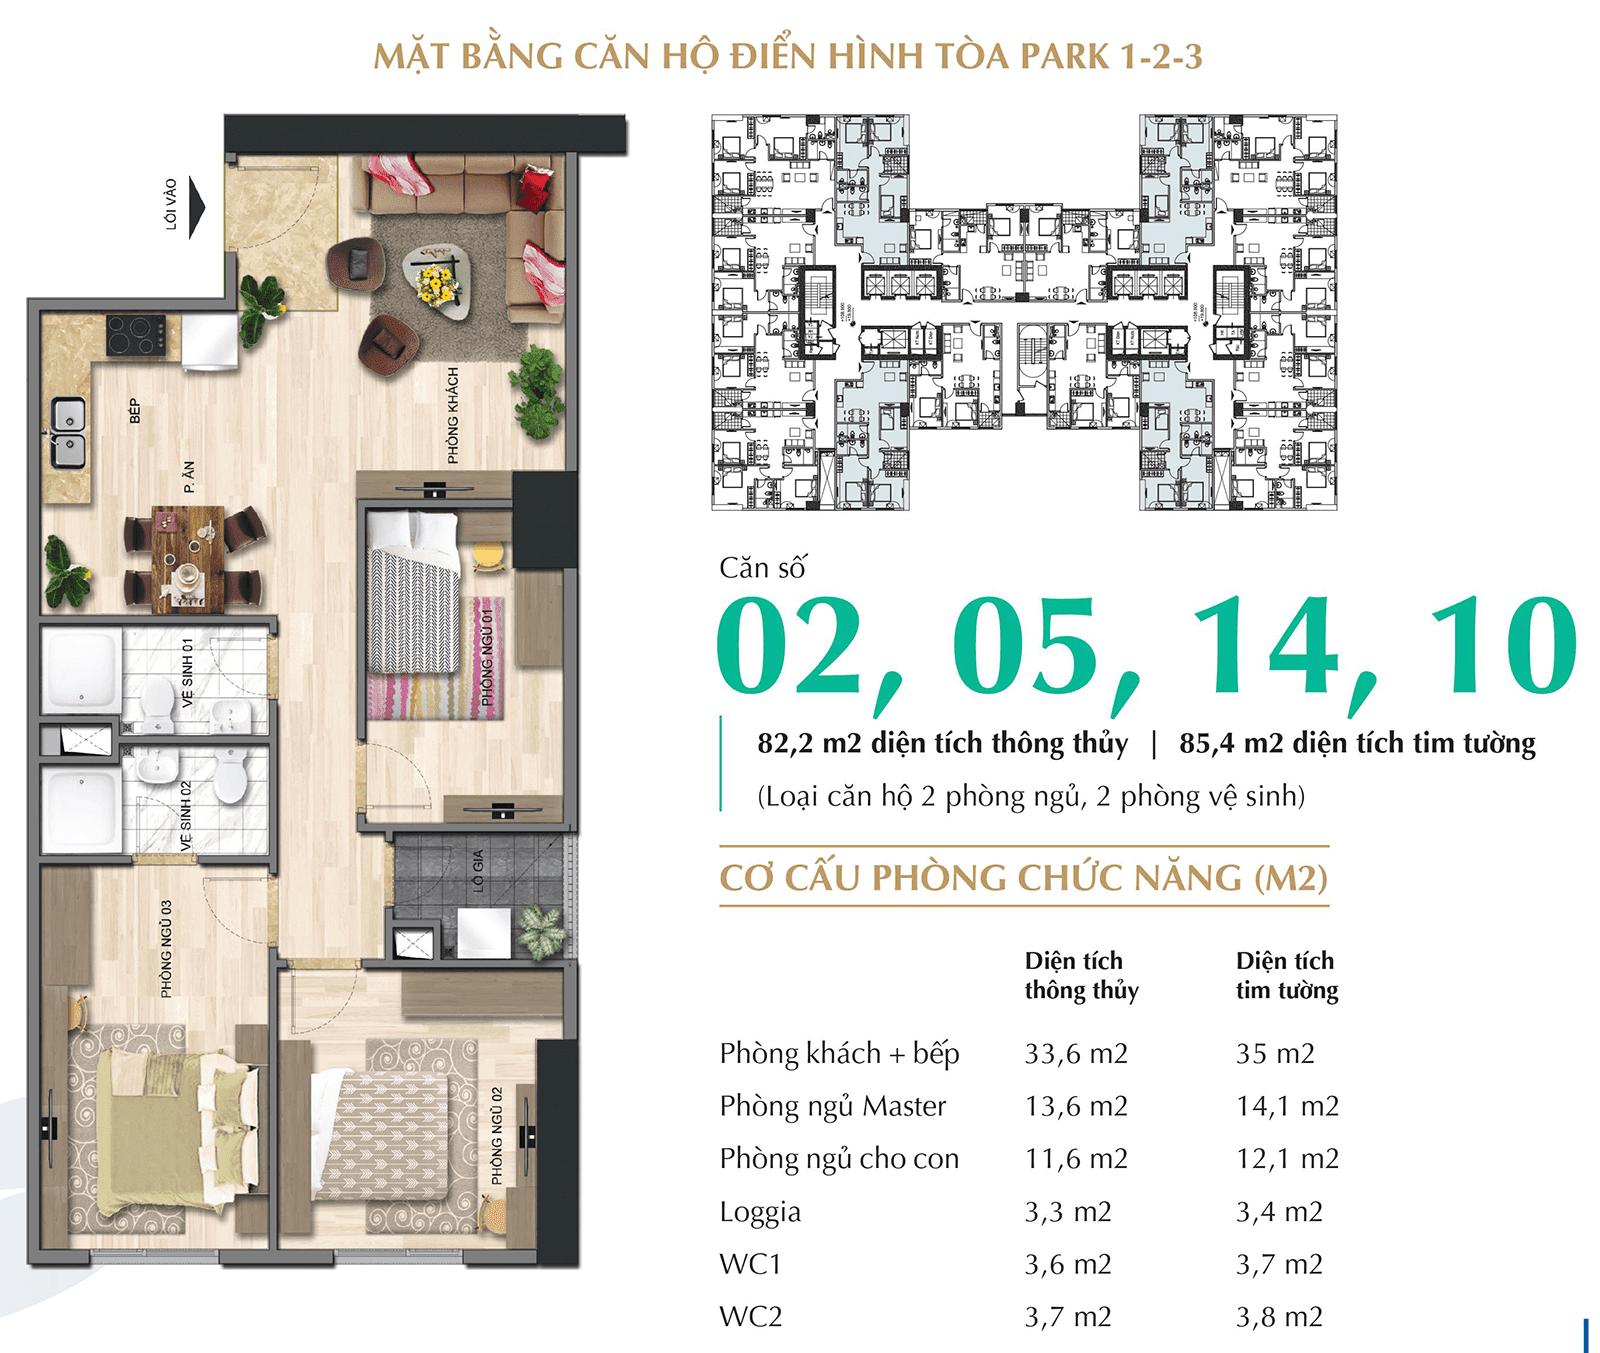 Thiết kế chi tiết mặt bằng căn hộ tòa Park 1,2,3 - Eurowindow River Park